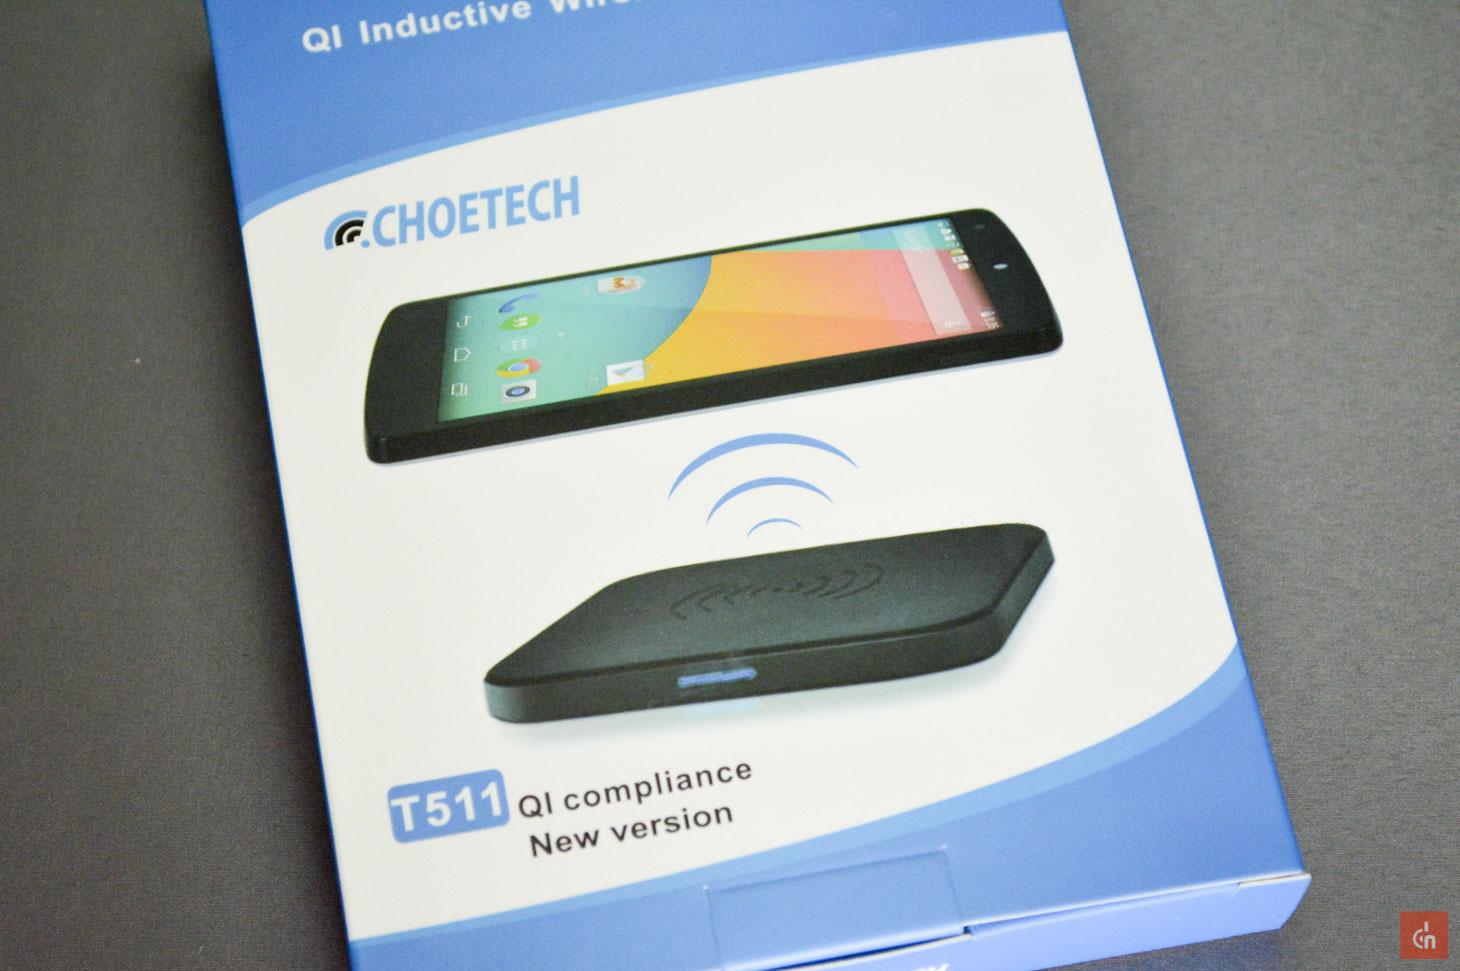 016_20160319_chotech-iphone5-qi